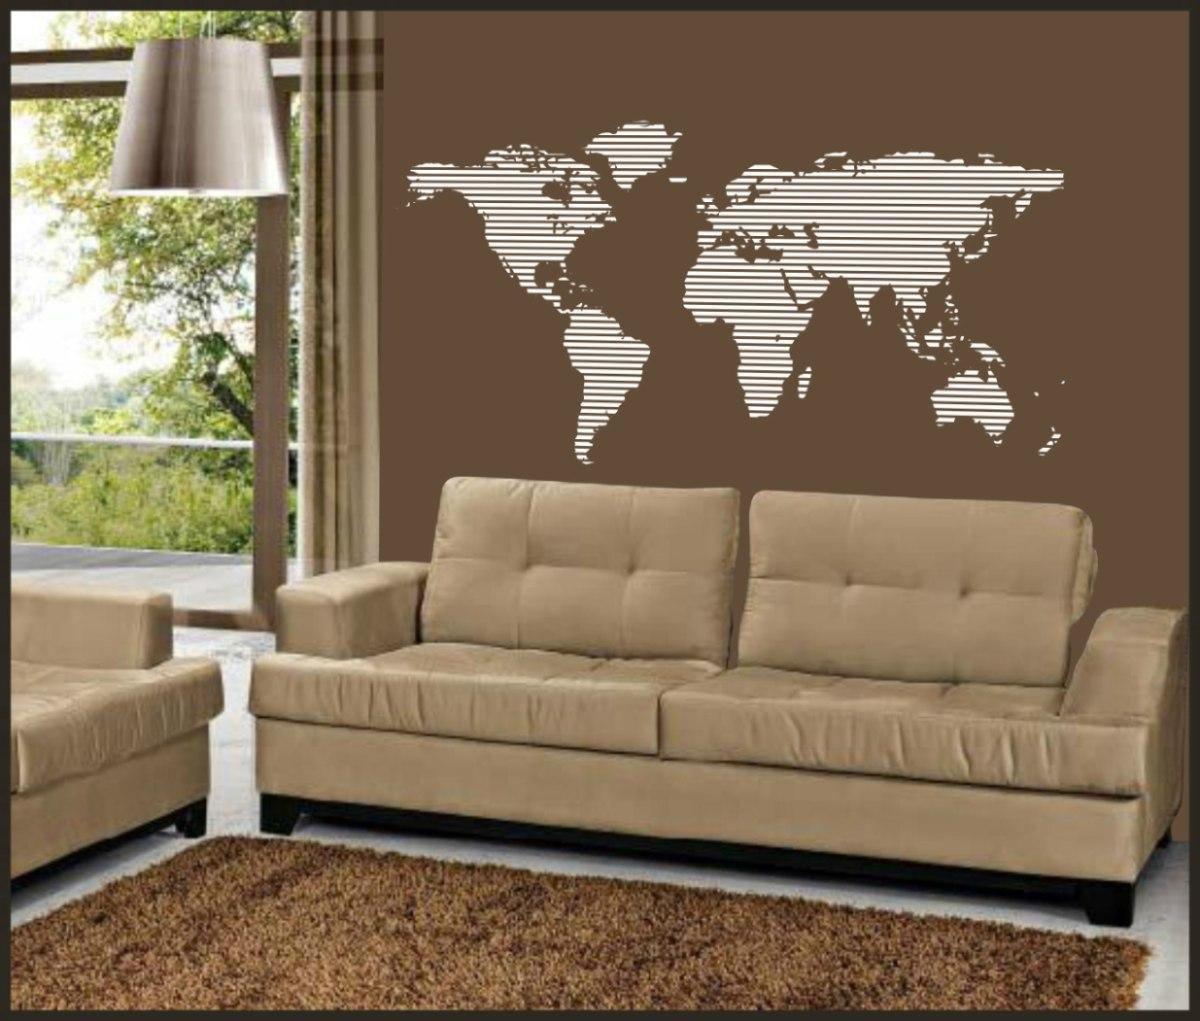 Adesivo decorativo para paredes mapa mundi listrado tam - Papel pared mapa mundi ...